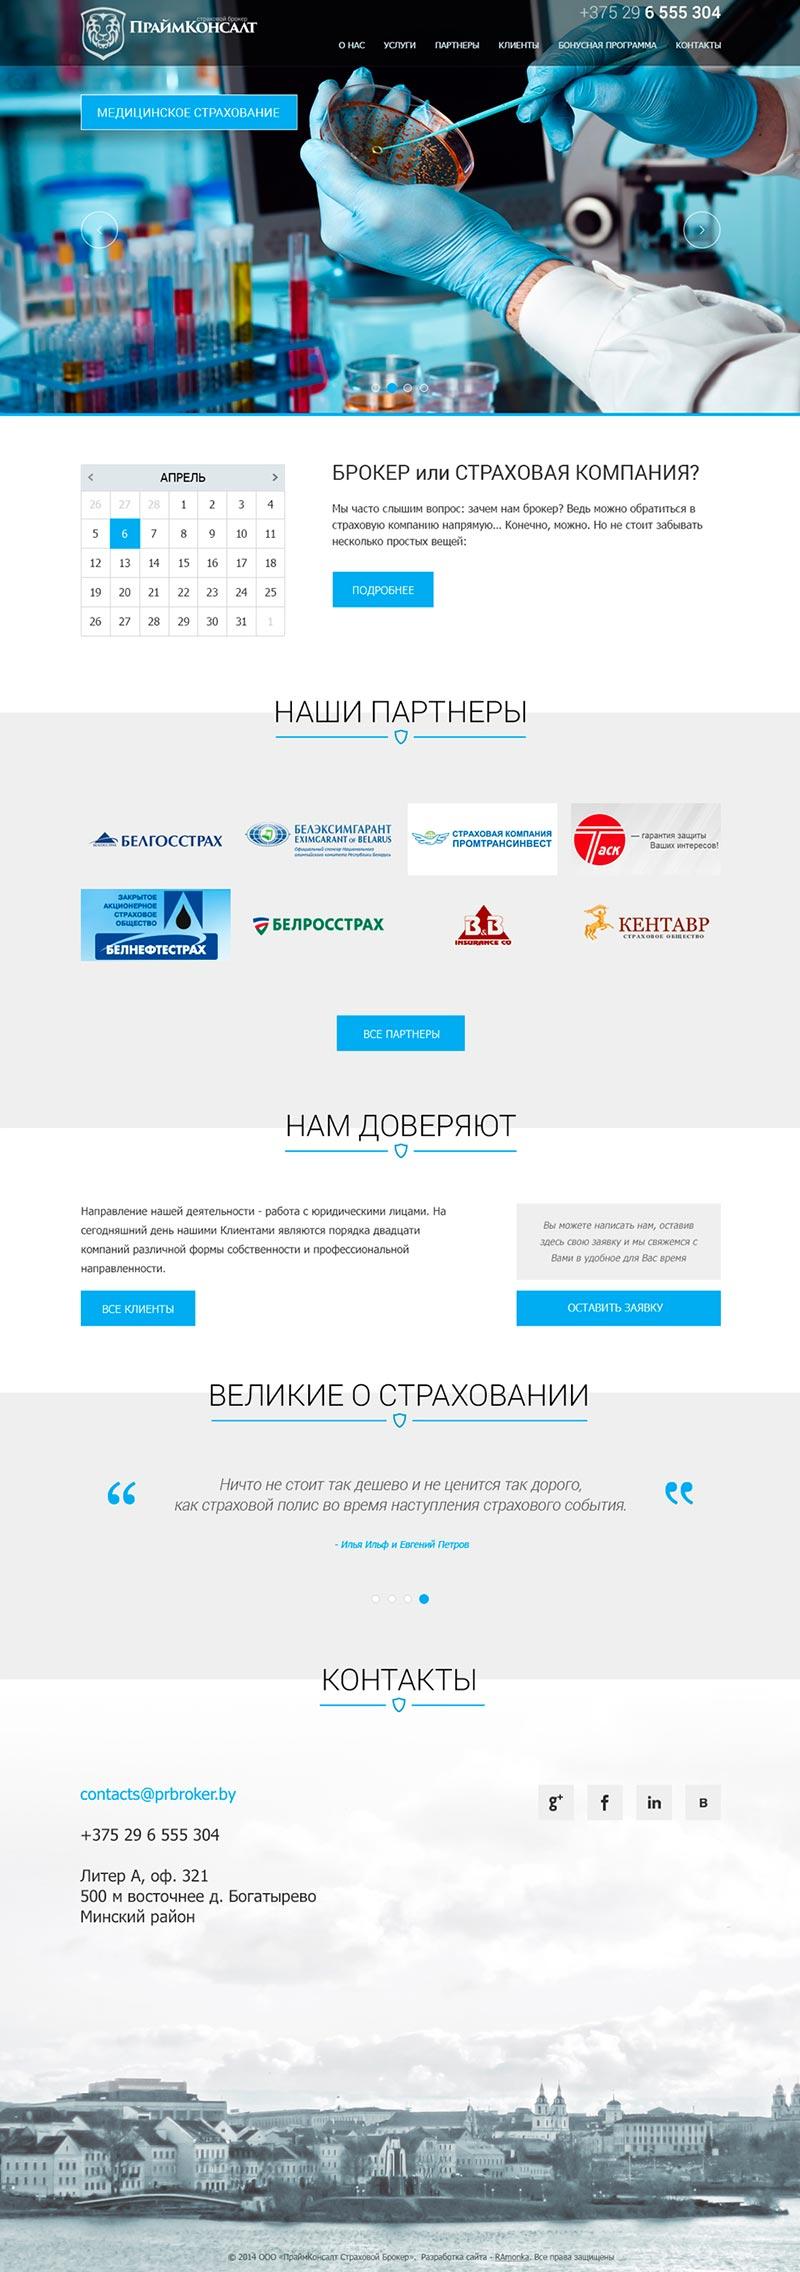 Разработка сайта под ключ на CMS Joomla для страхового брокера PrimeConsult